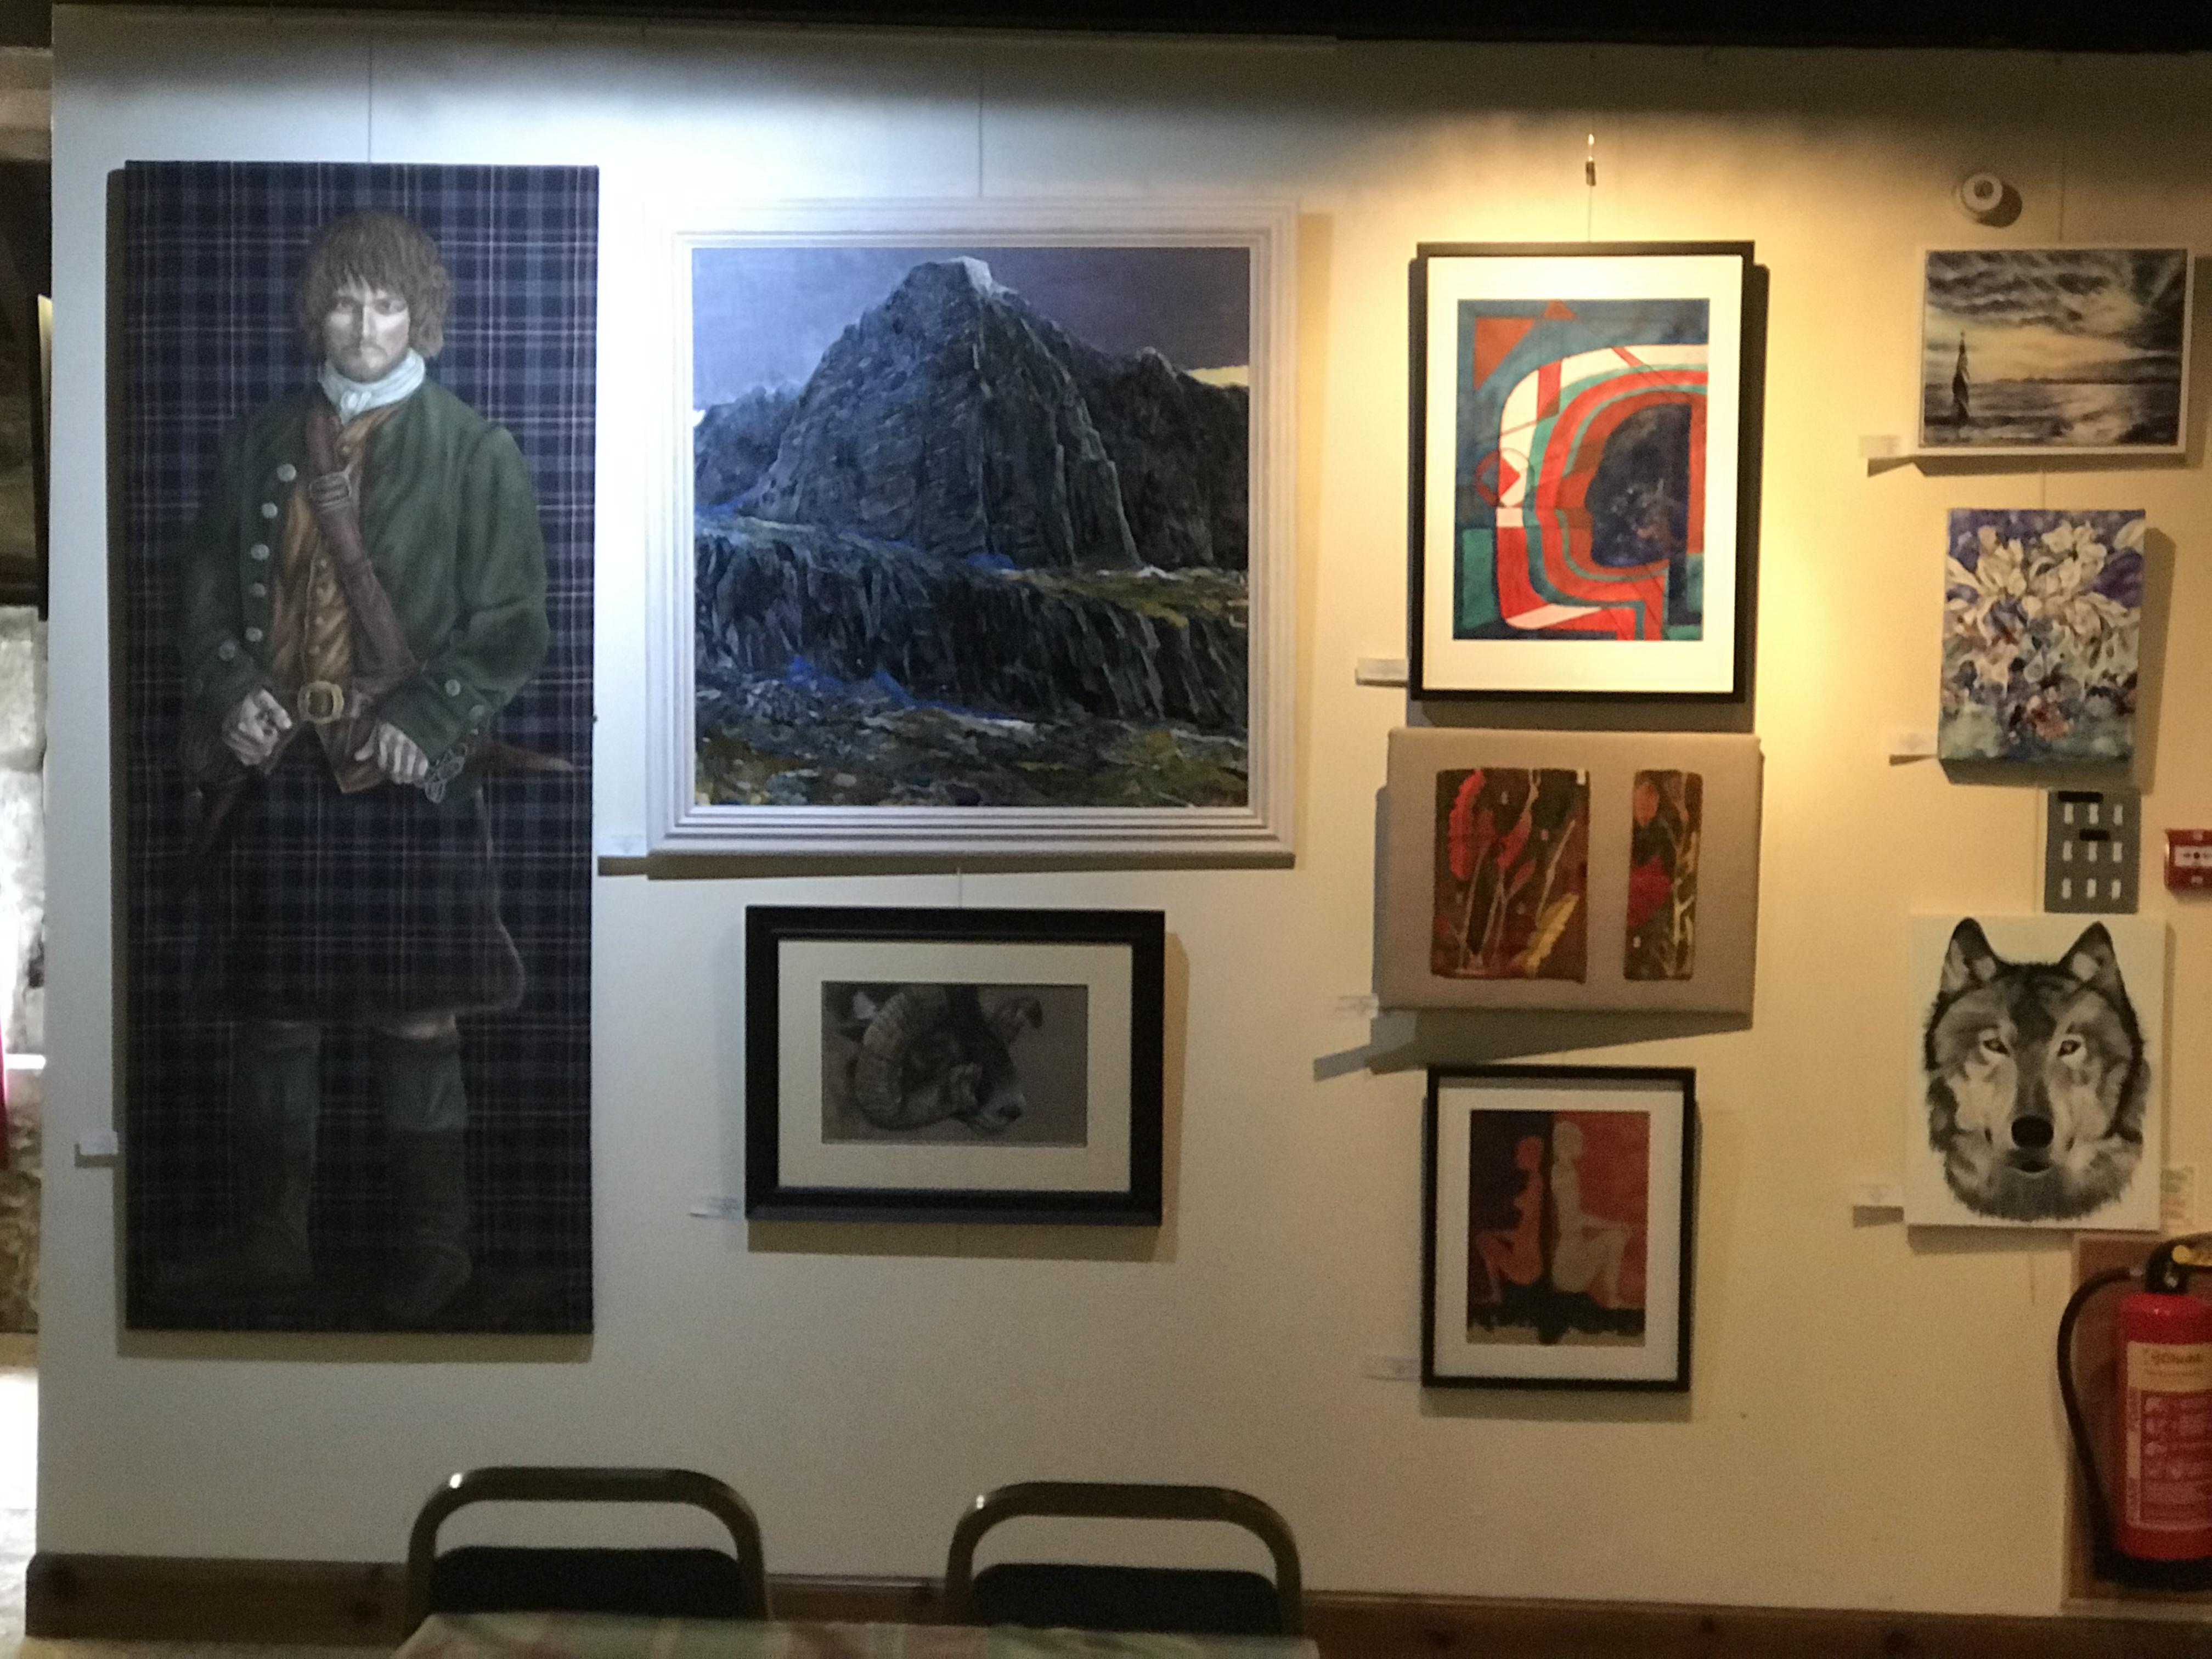 Annual Exhibition 2019 - Art LochaberArt Lochaber